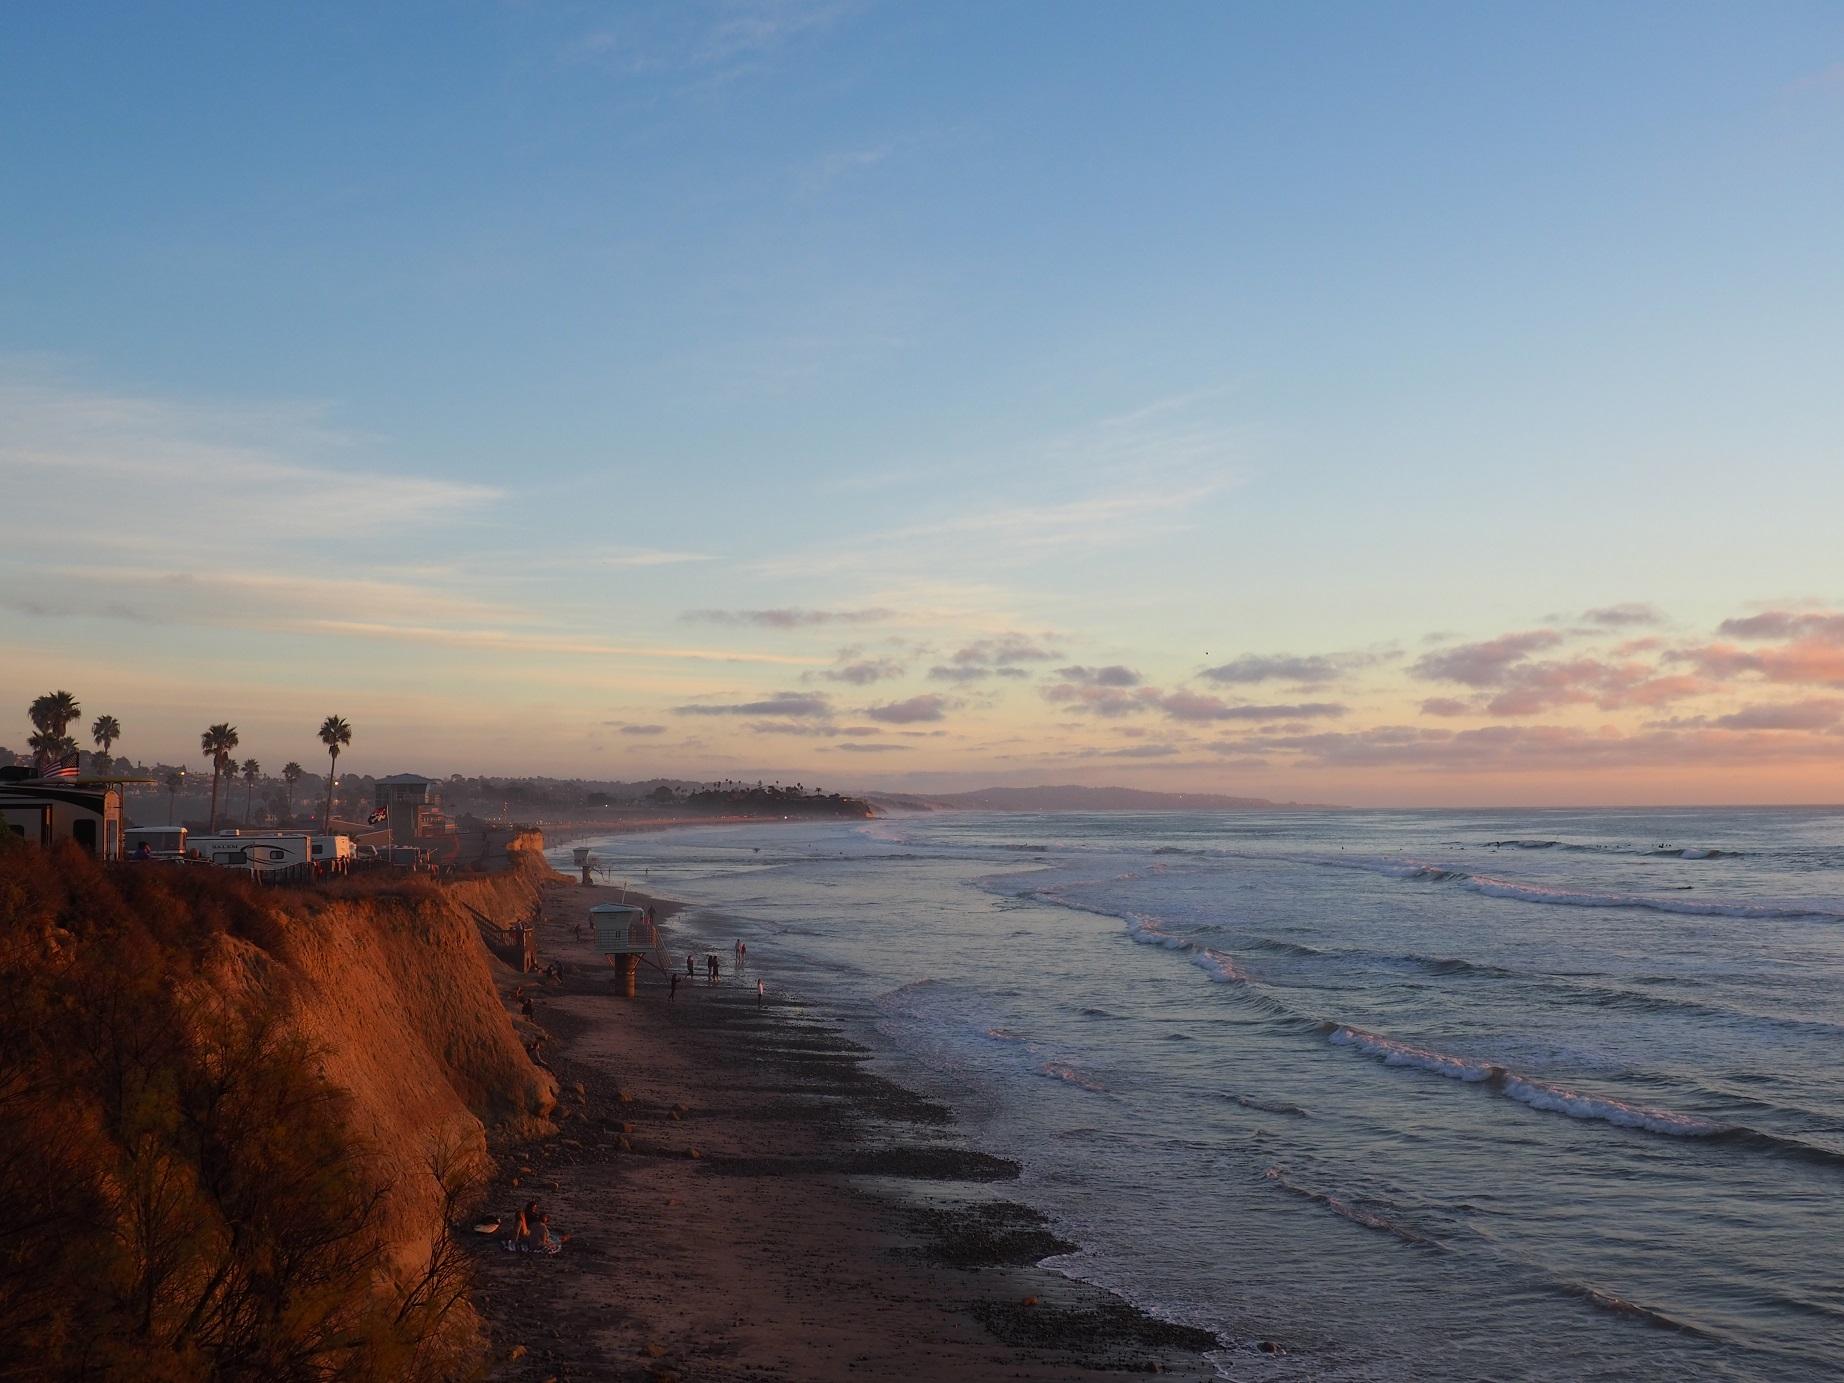 San Elijo state beach - San Diego